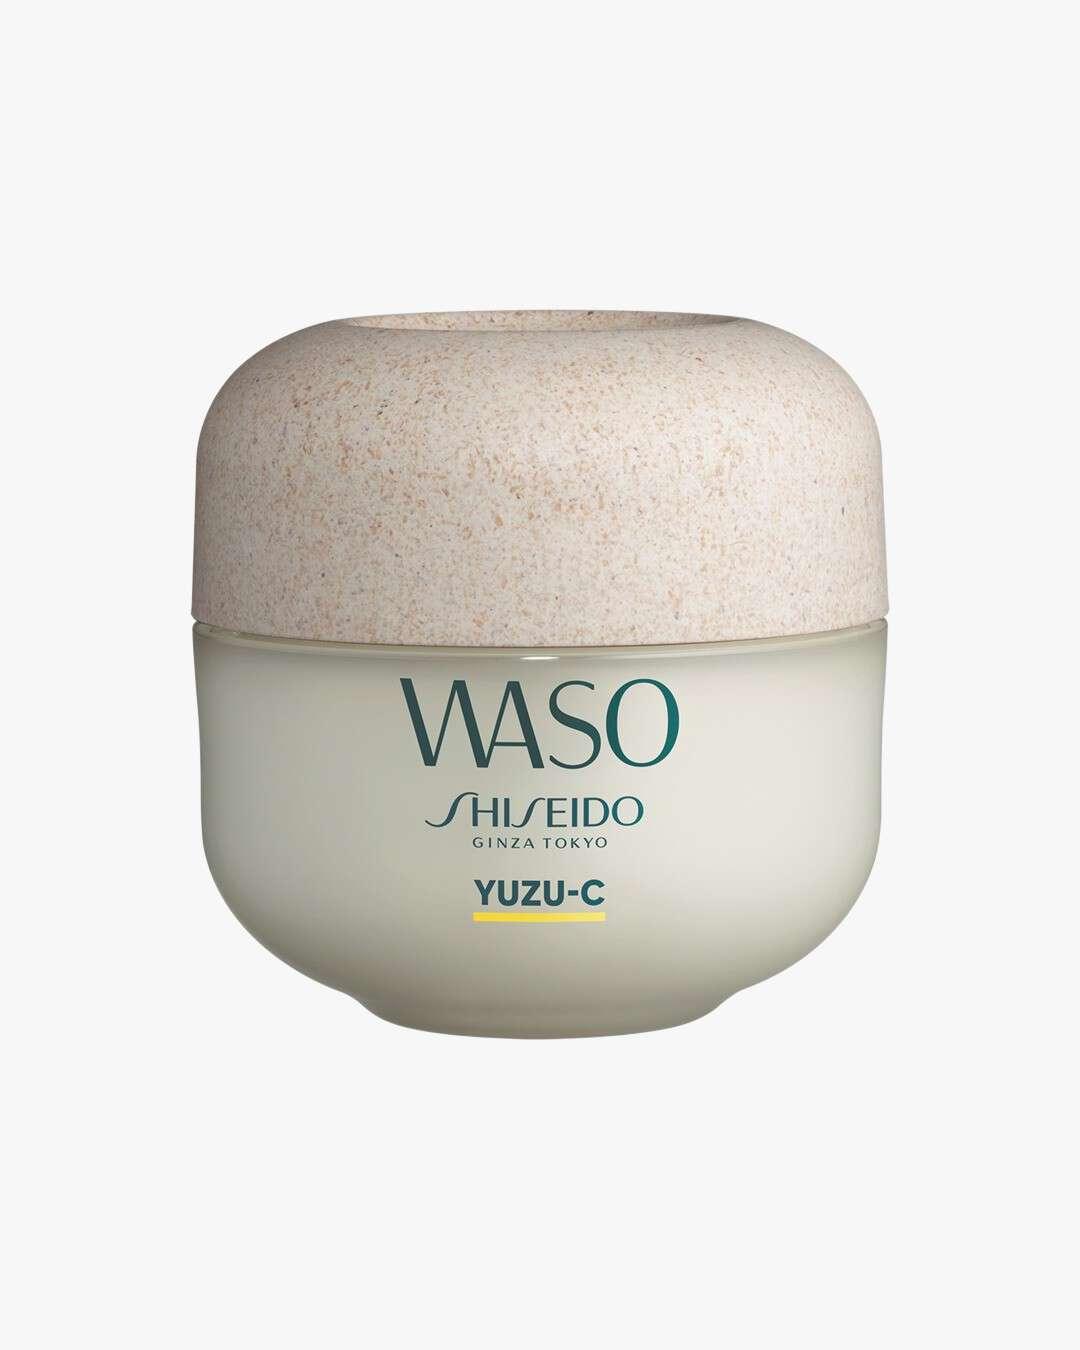 Produktbilde for WASO Yuzu-C Beauty Sleeping Mask 50ml hos Fredrik & Louisa